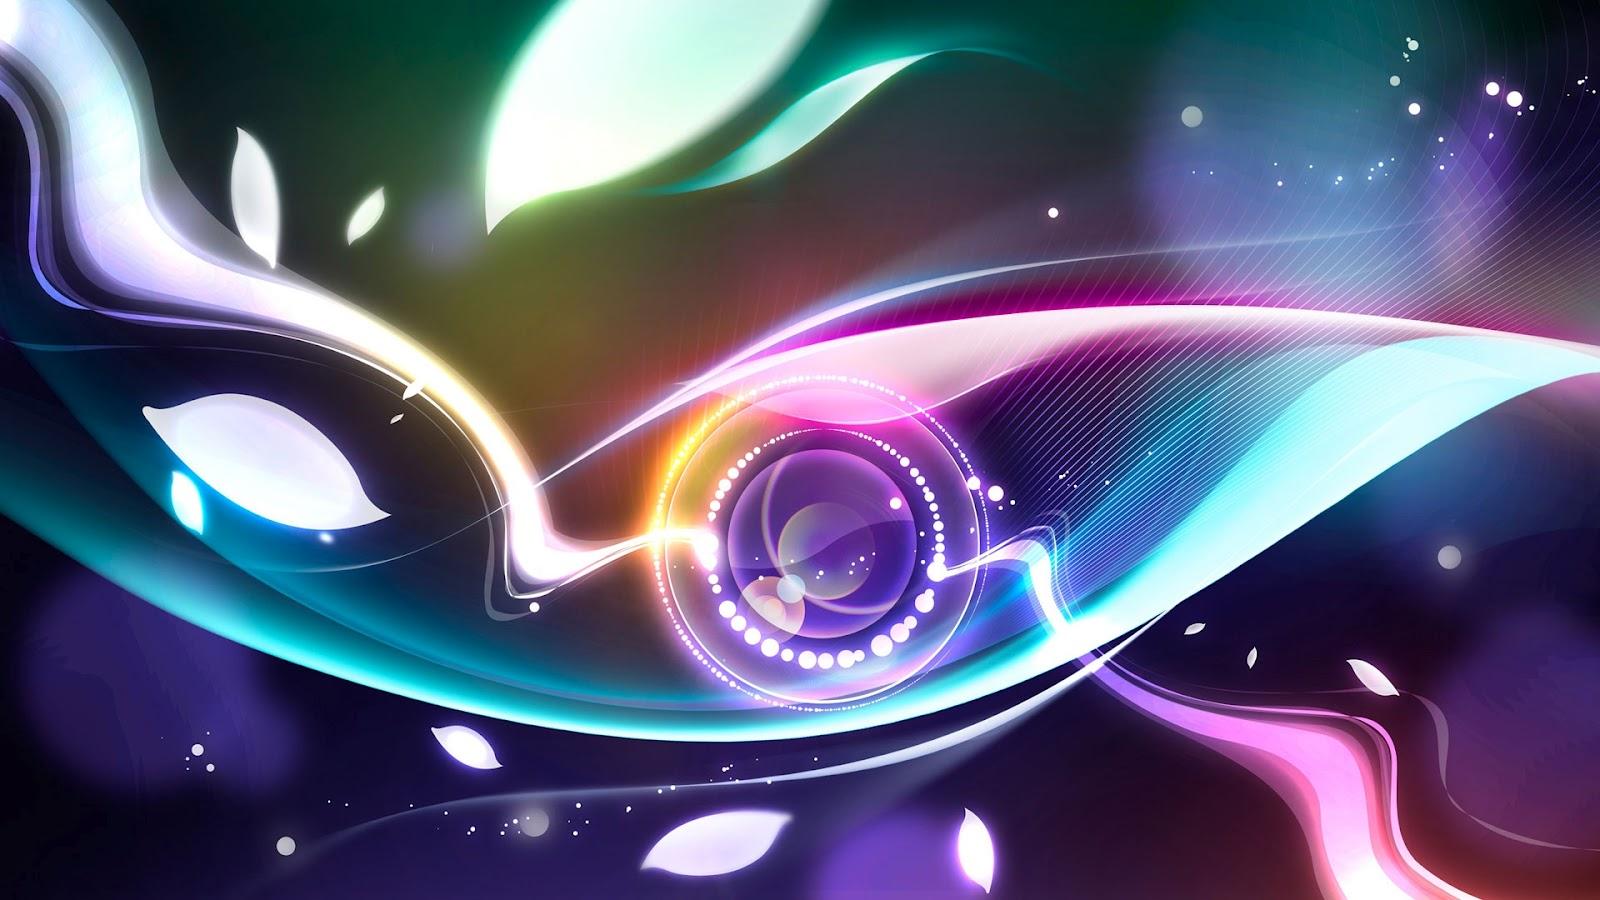 http://4.bp.blogspot.com/-qzEpPqZmU98/UEix-VLHcGI/AAAAAAAAE-g/2zPBh3MADkg/s1600/digital-abstract-eye-hd-1080.jpg